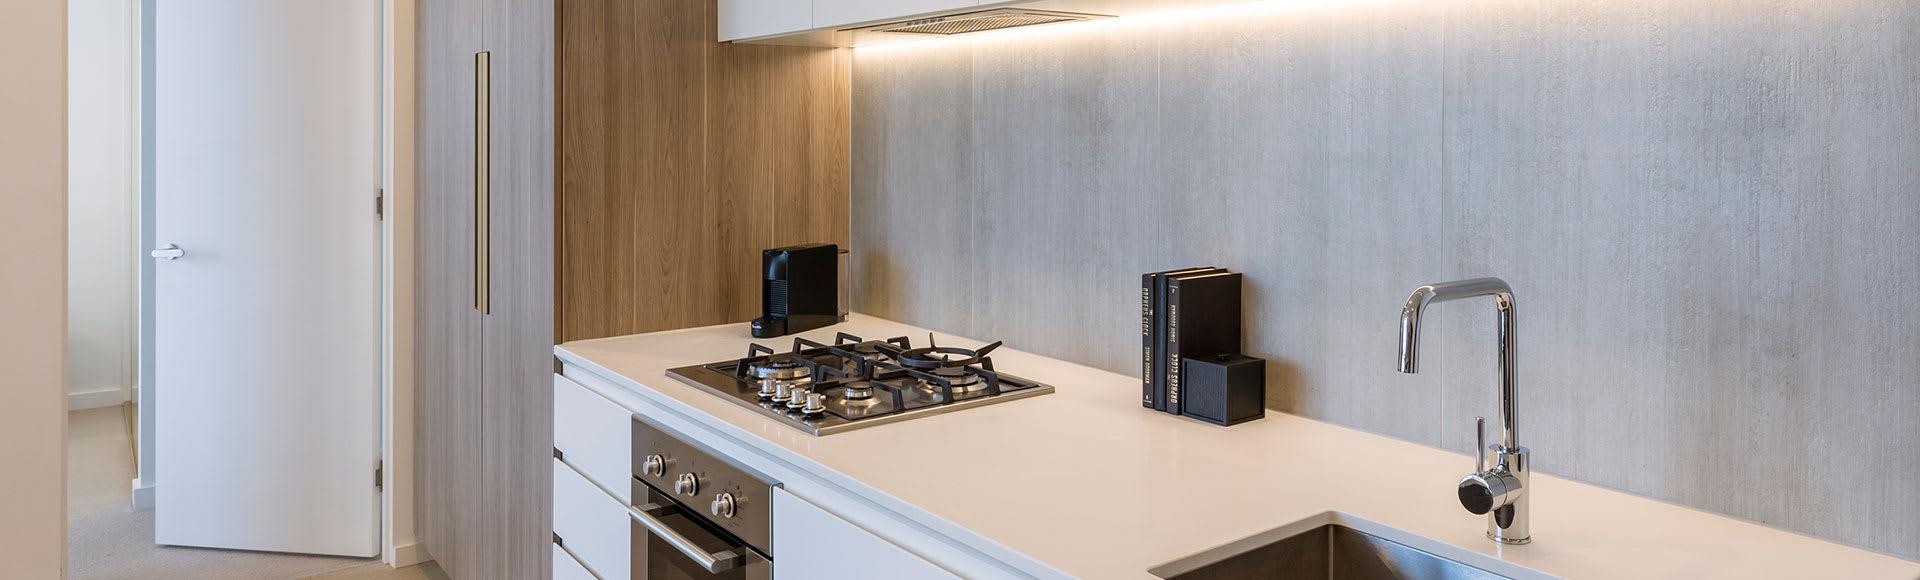 Avani Melbourne Central Residences 1 Bedroom Suite Kitchen